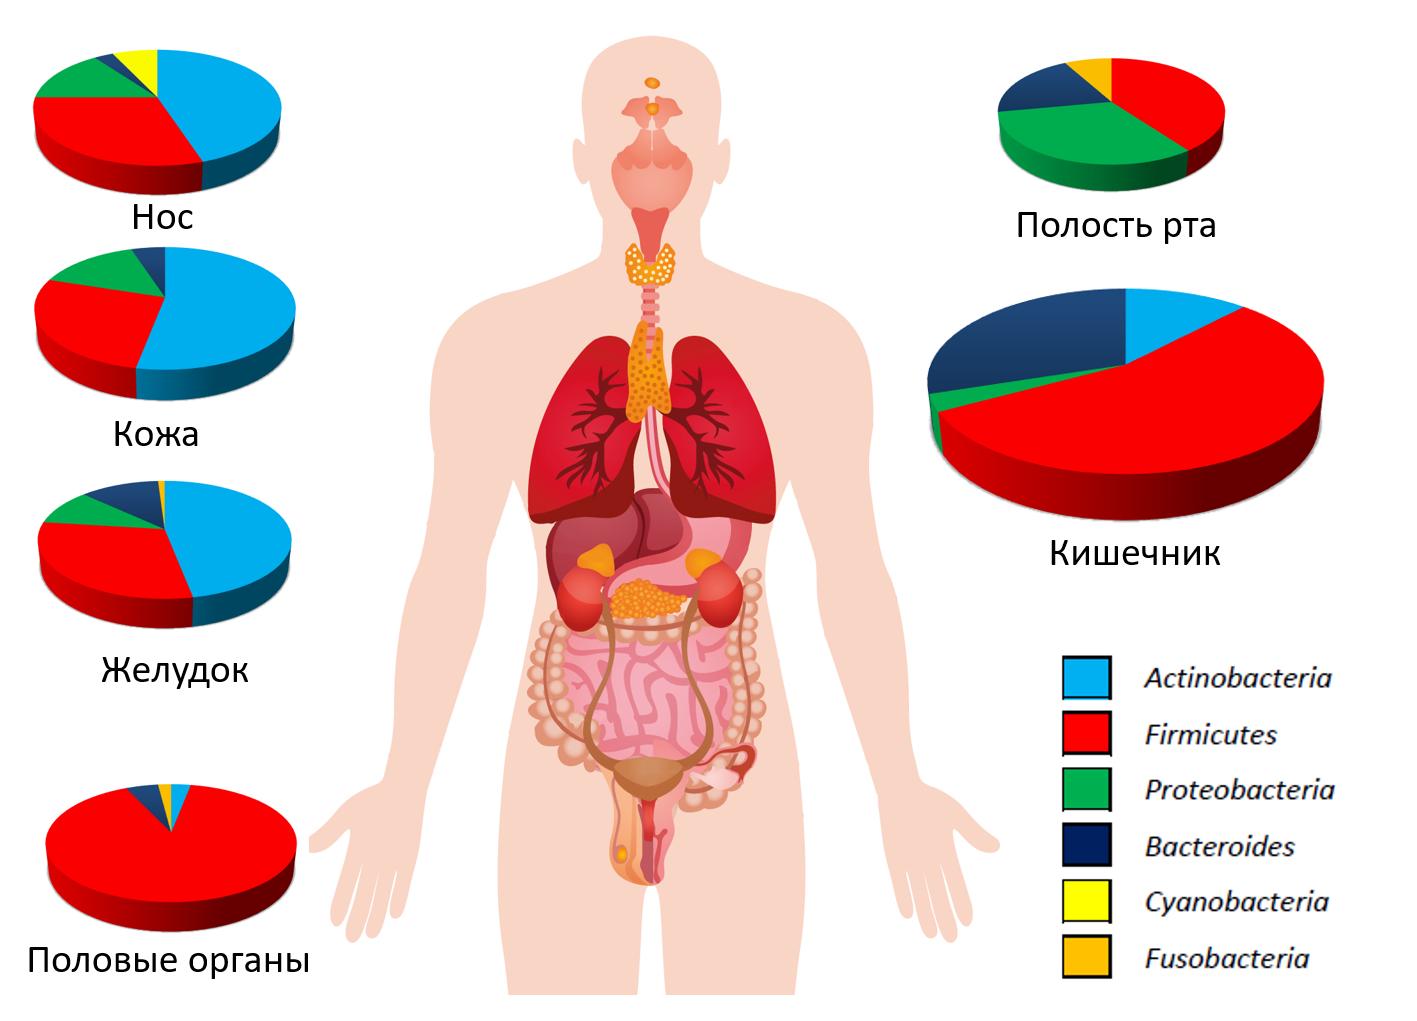 Рис. 7. Состав микробиоты человека.